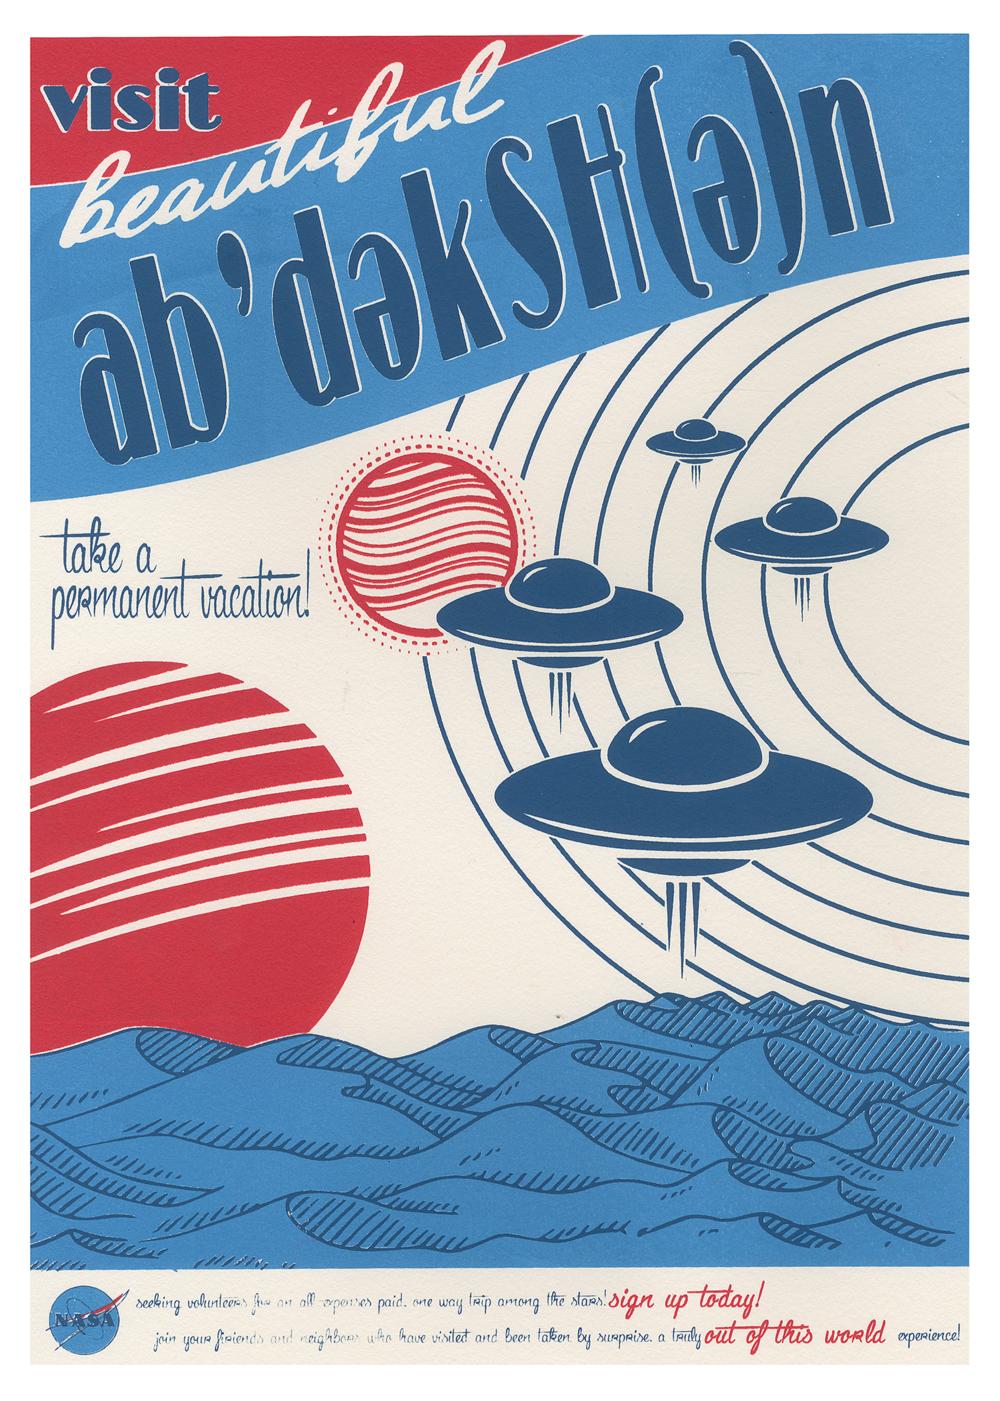 Abdekshen travel poster.png